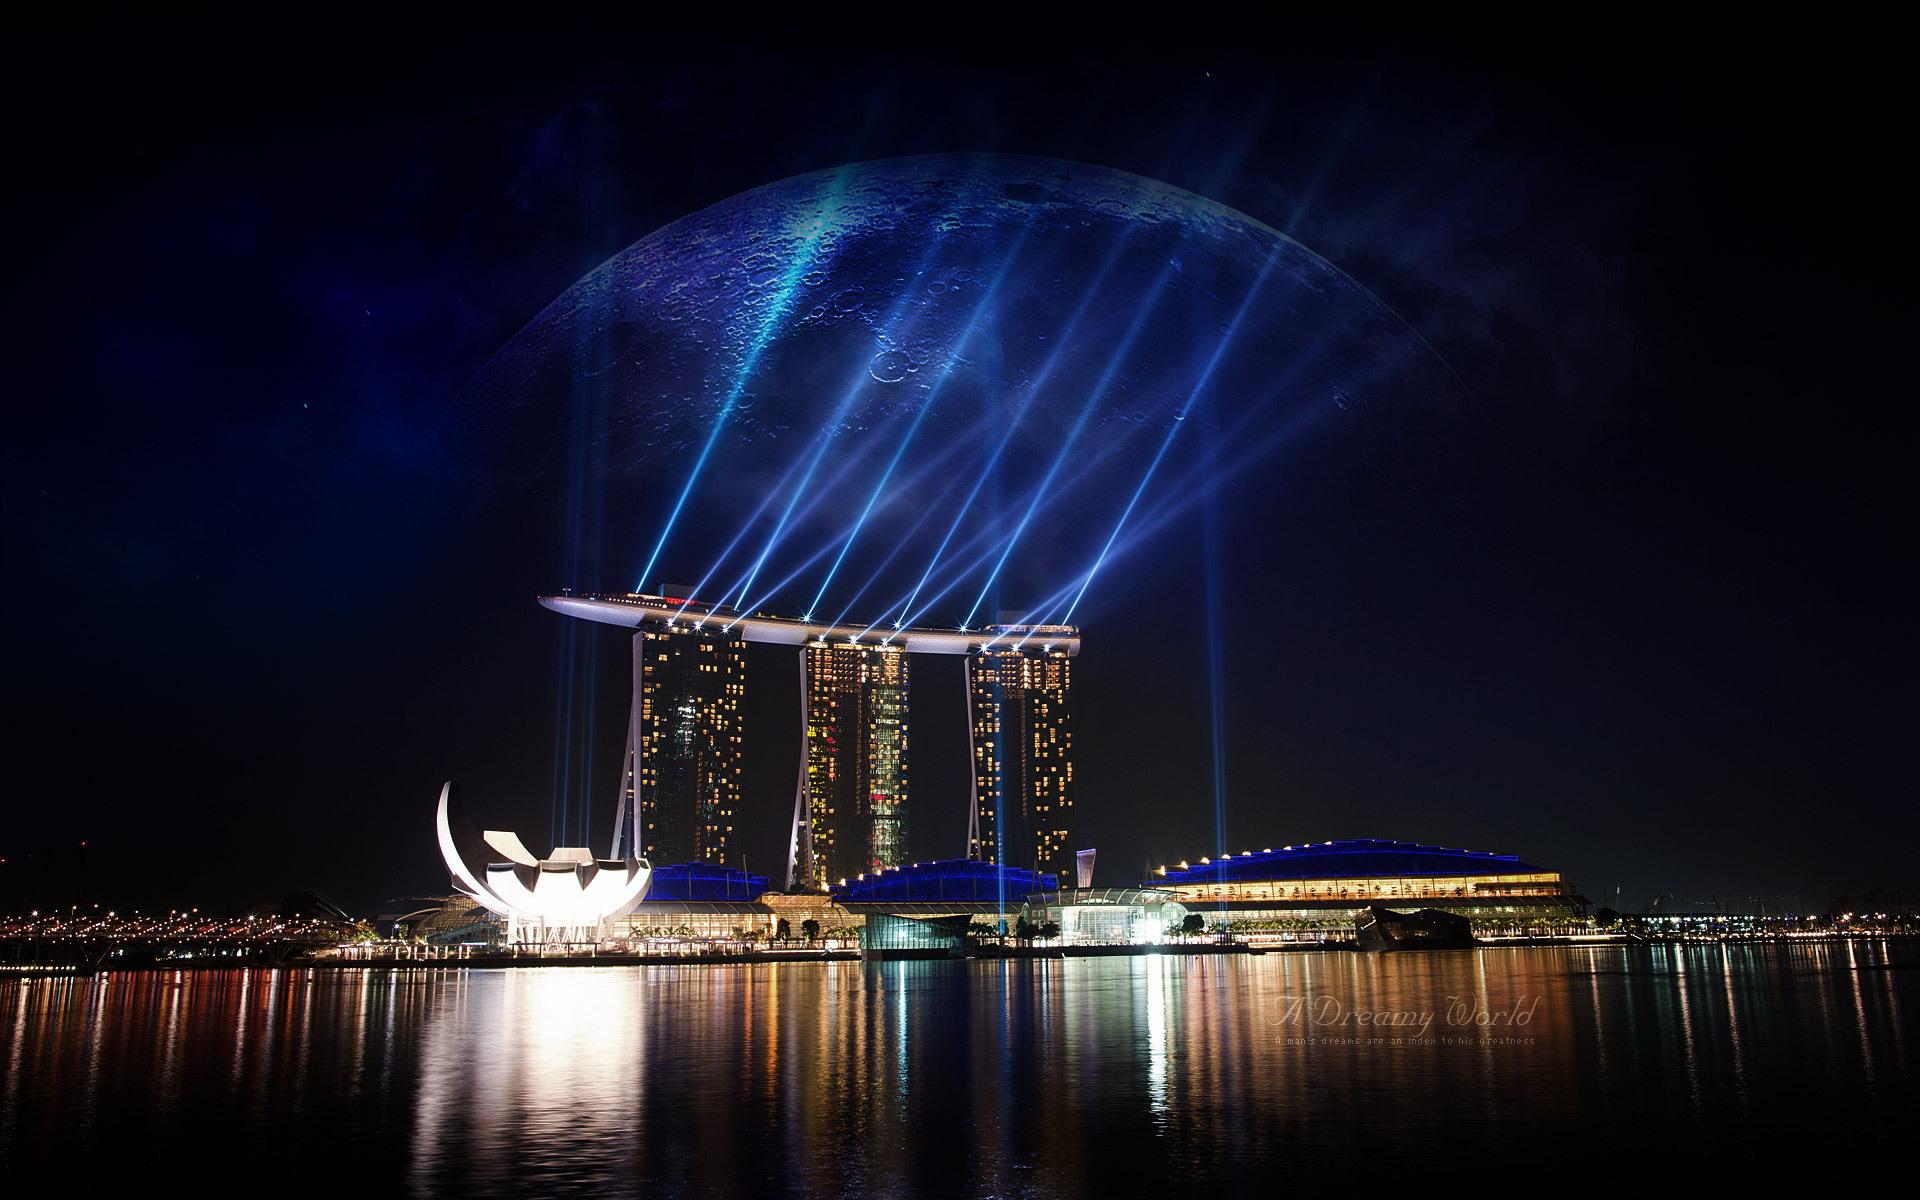 страны архитектура Сингапур отель  № 941453 загрузить